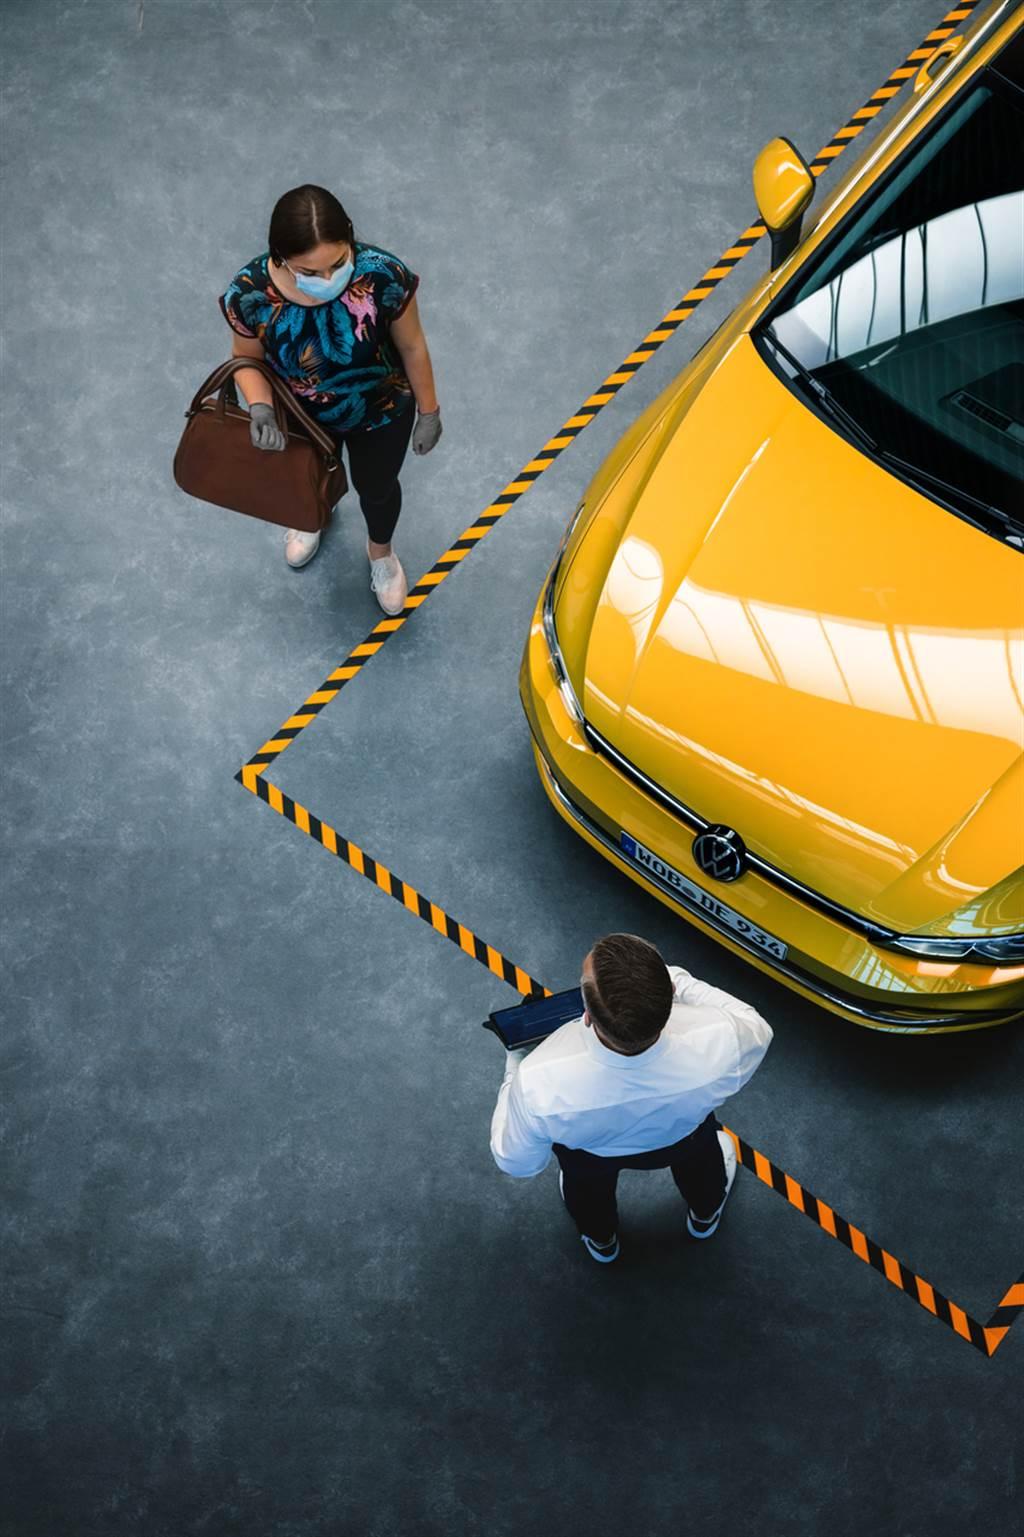 台灣福斯汽車汽車做好各項防疫措施,與國人齊心抗疫。